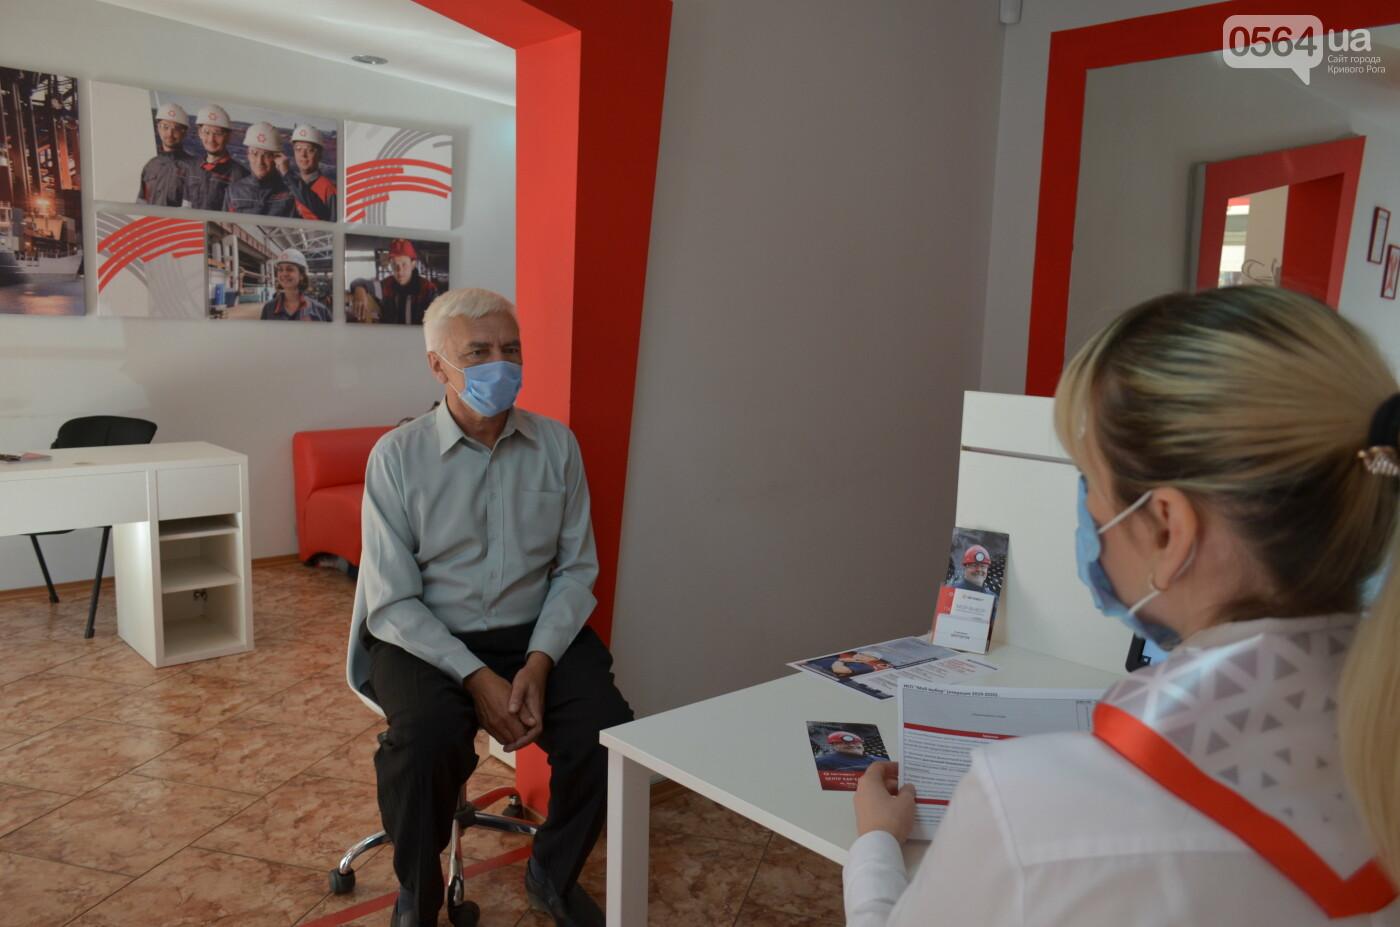 Центр кар'єри Метінвест і Криворізький міськрайонний центр зайнятості підписали договір про співпрацю, фото-2